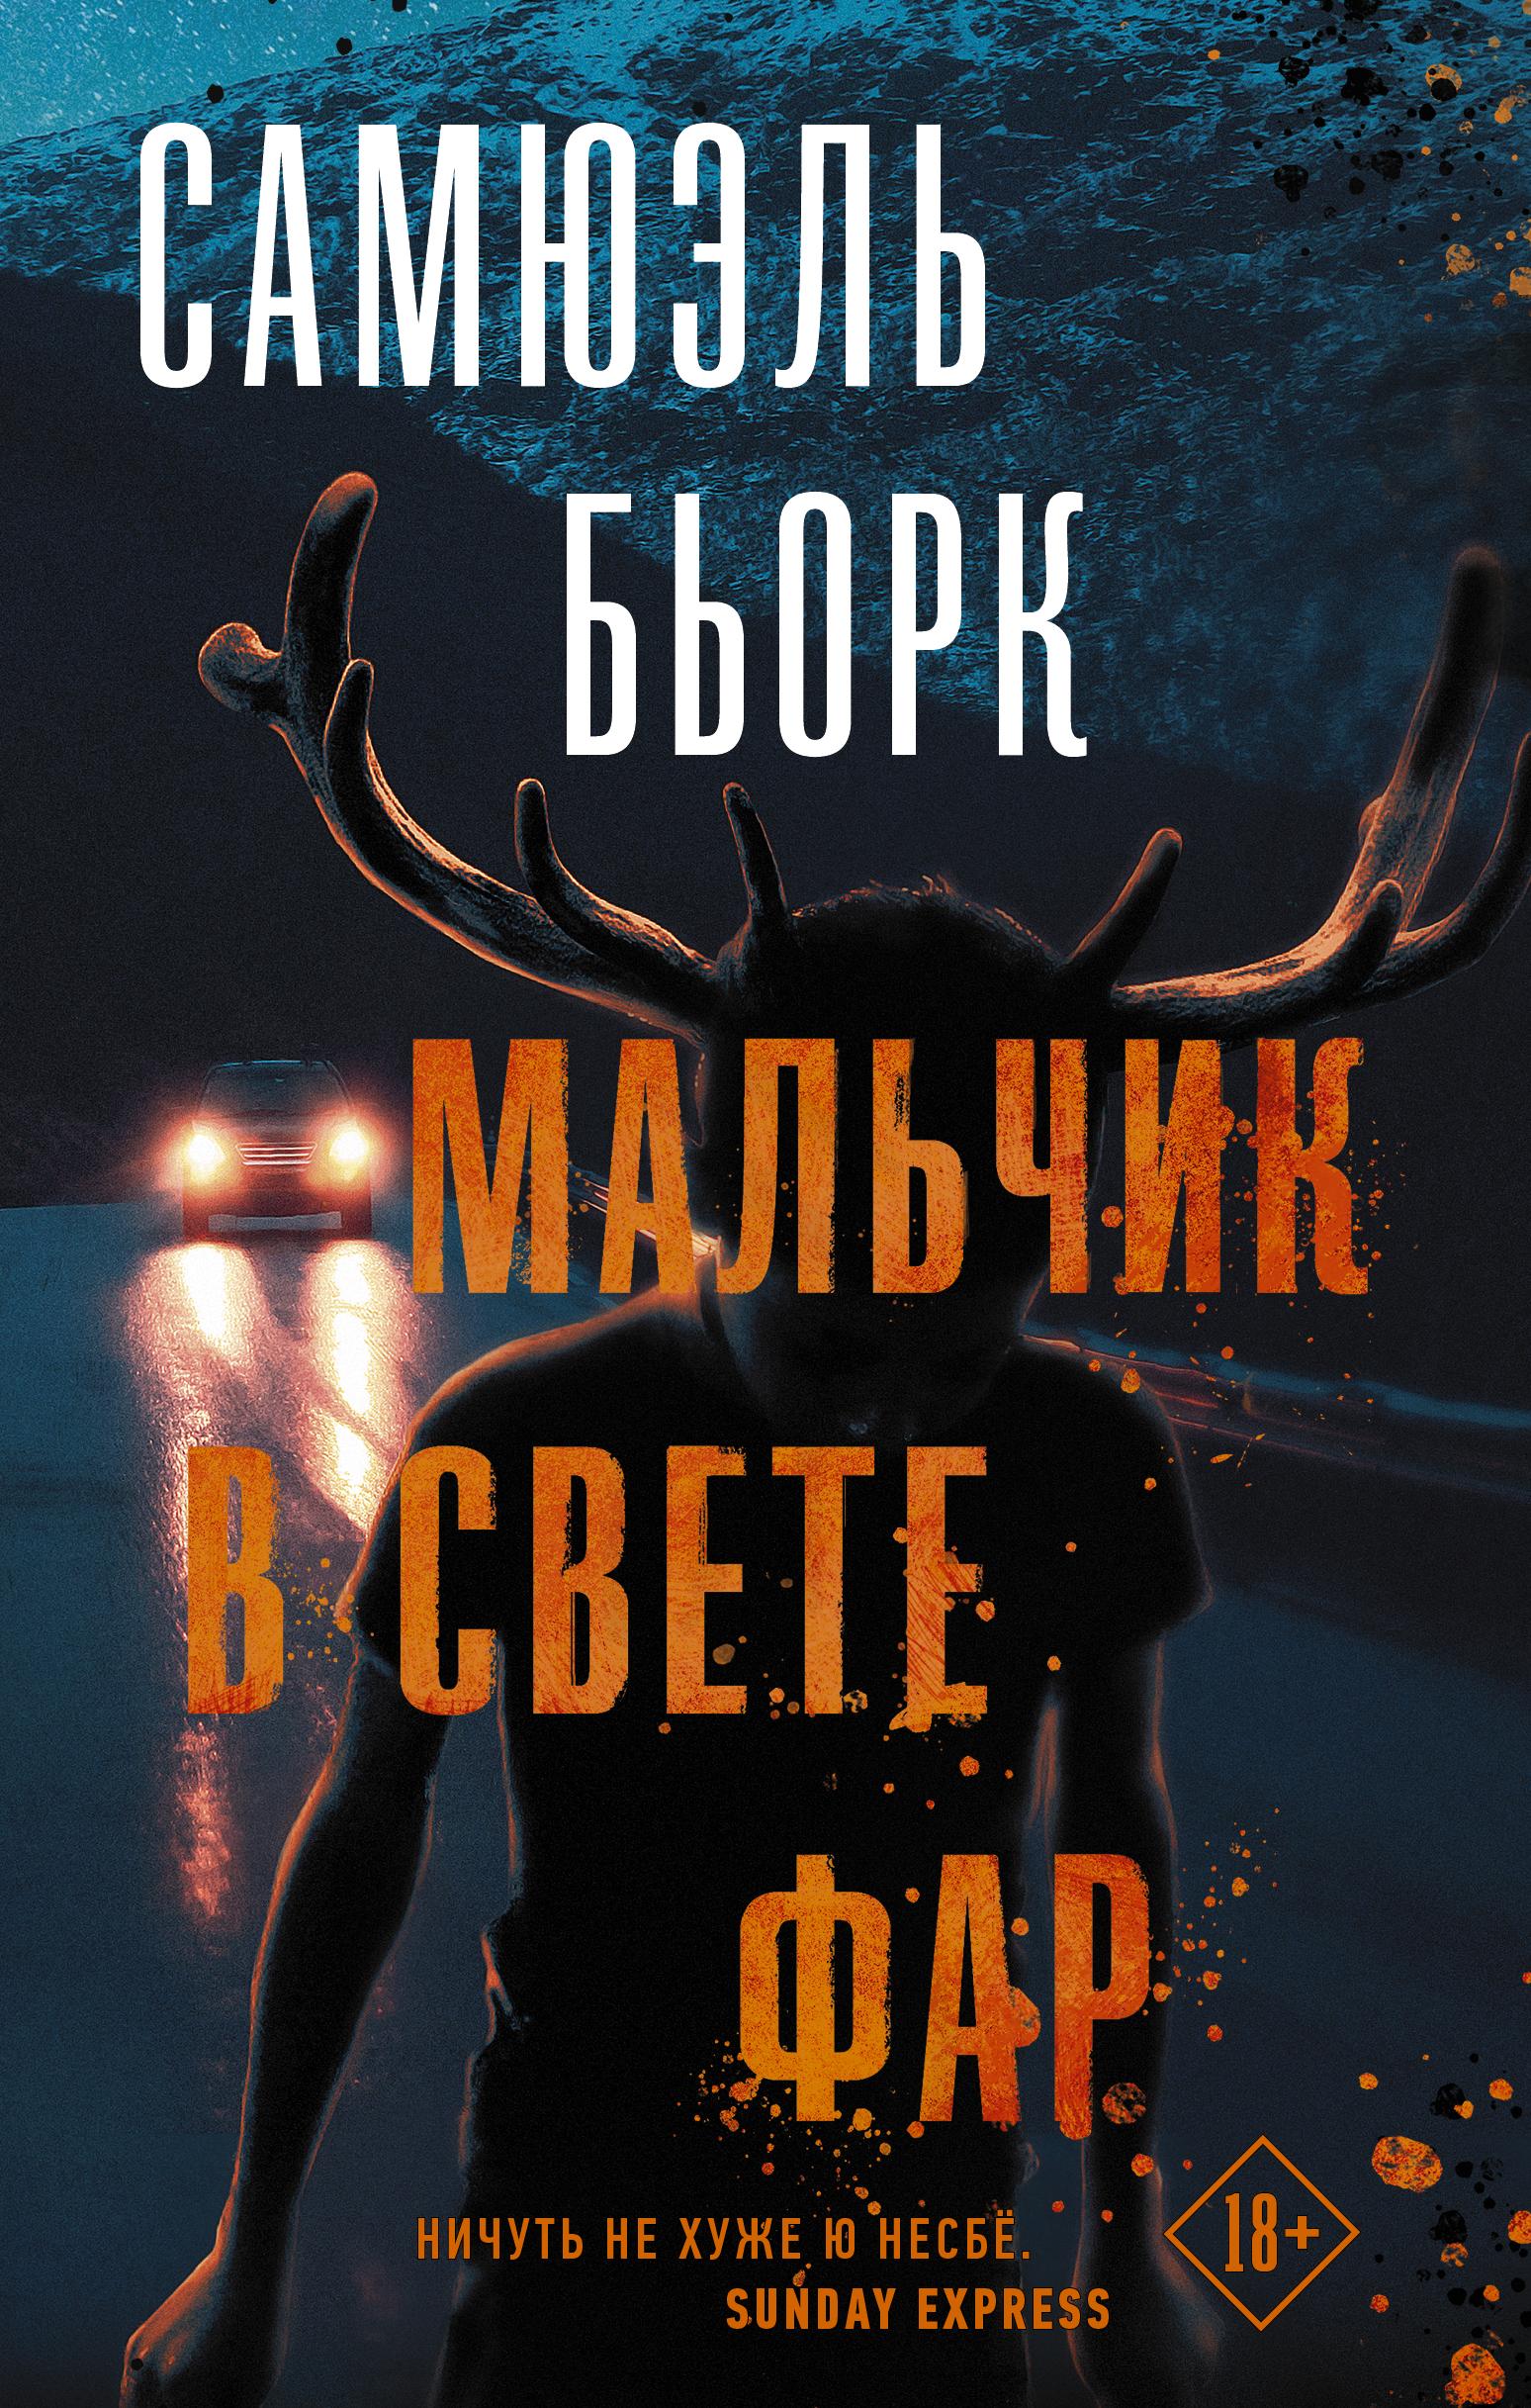 Самюэль Бьорк Мальчик в свете фар